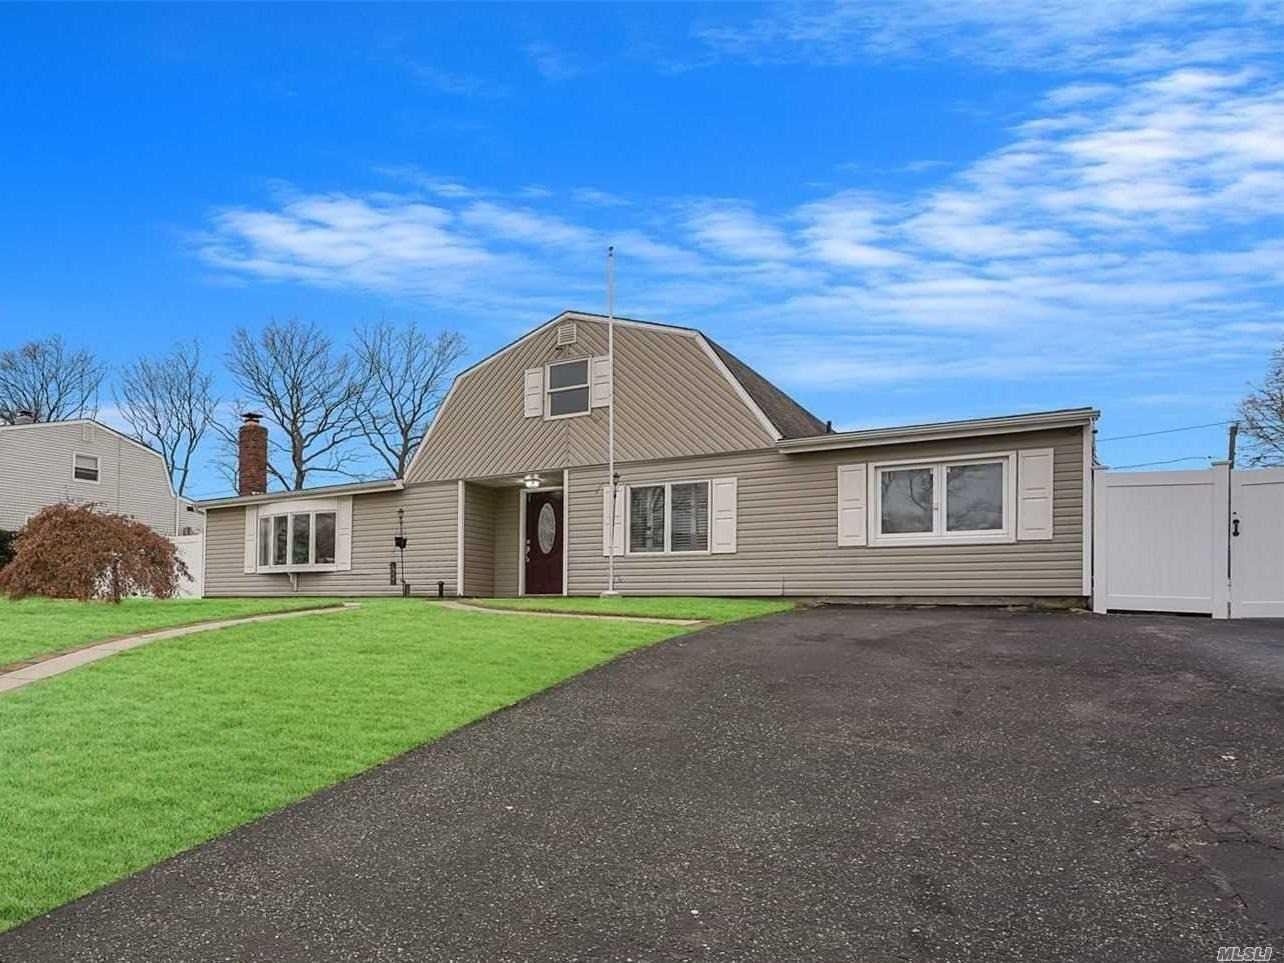 38 College Hills Drive, Farmingville, NY 11738 - MLS#: 3191370